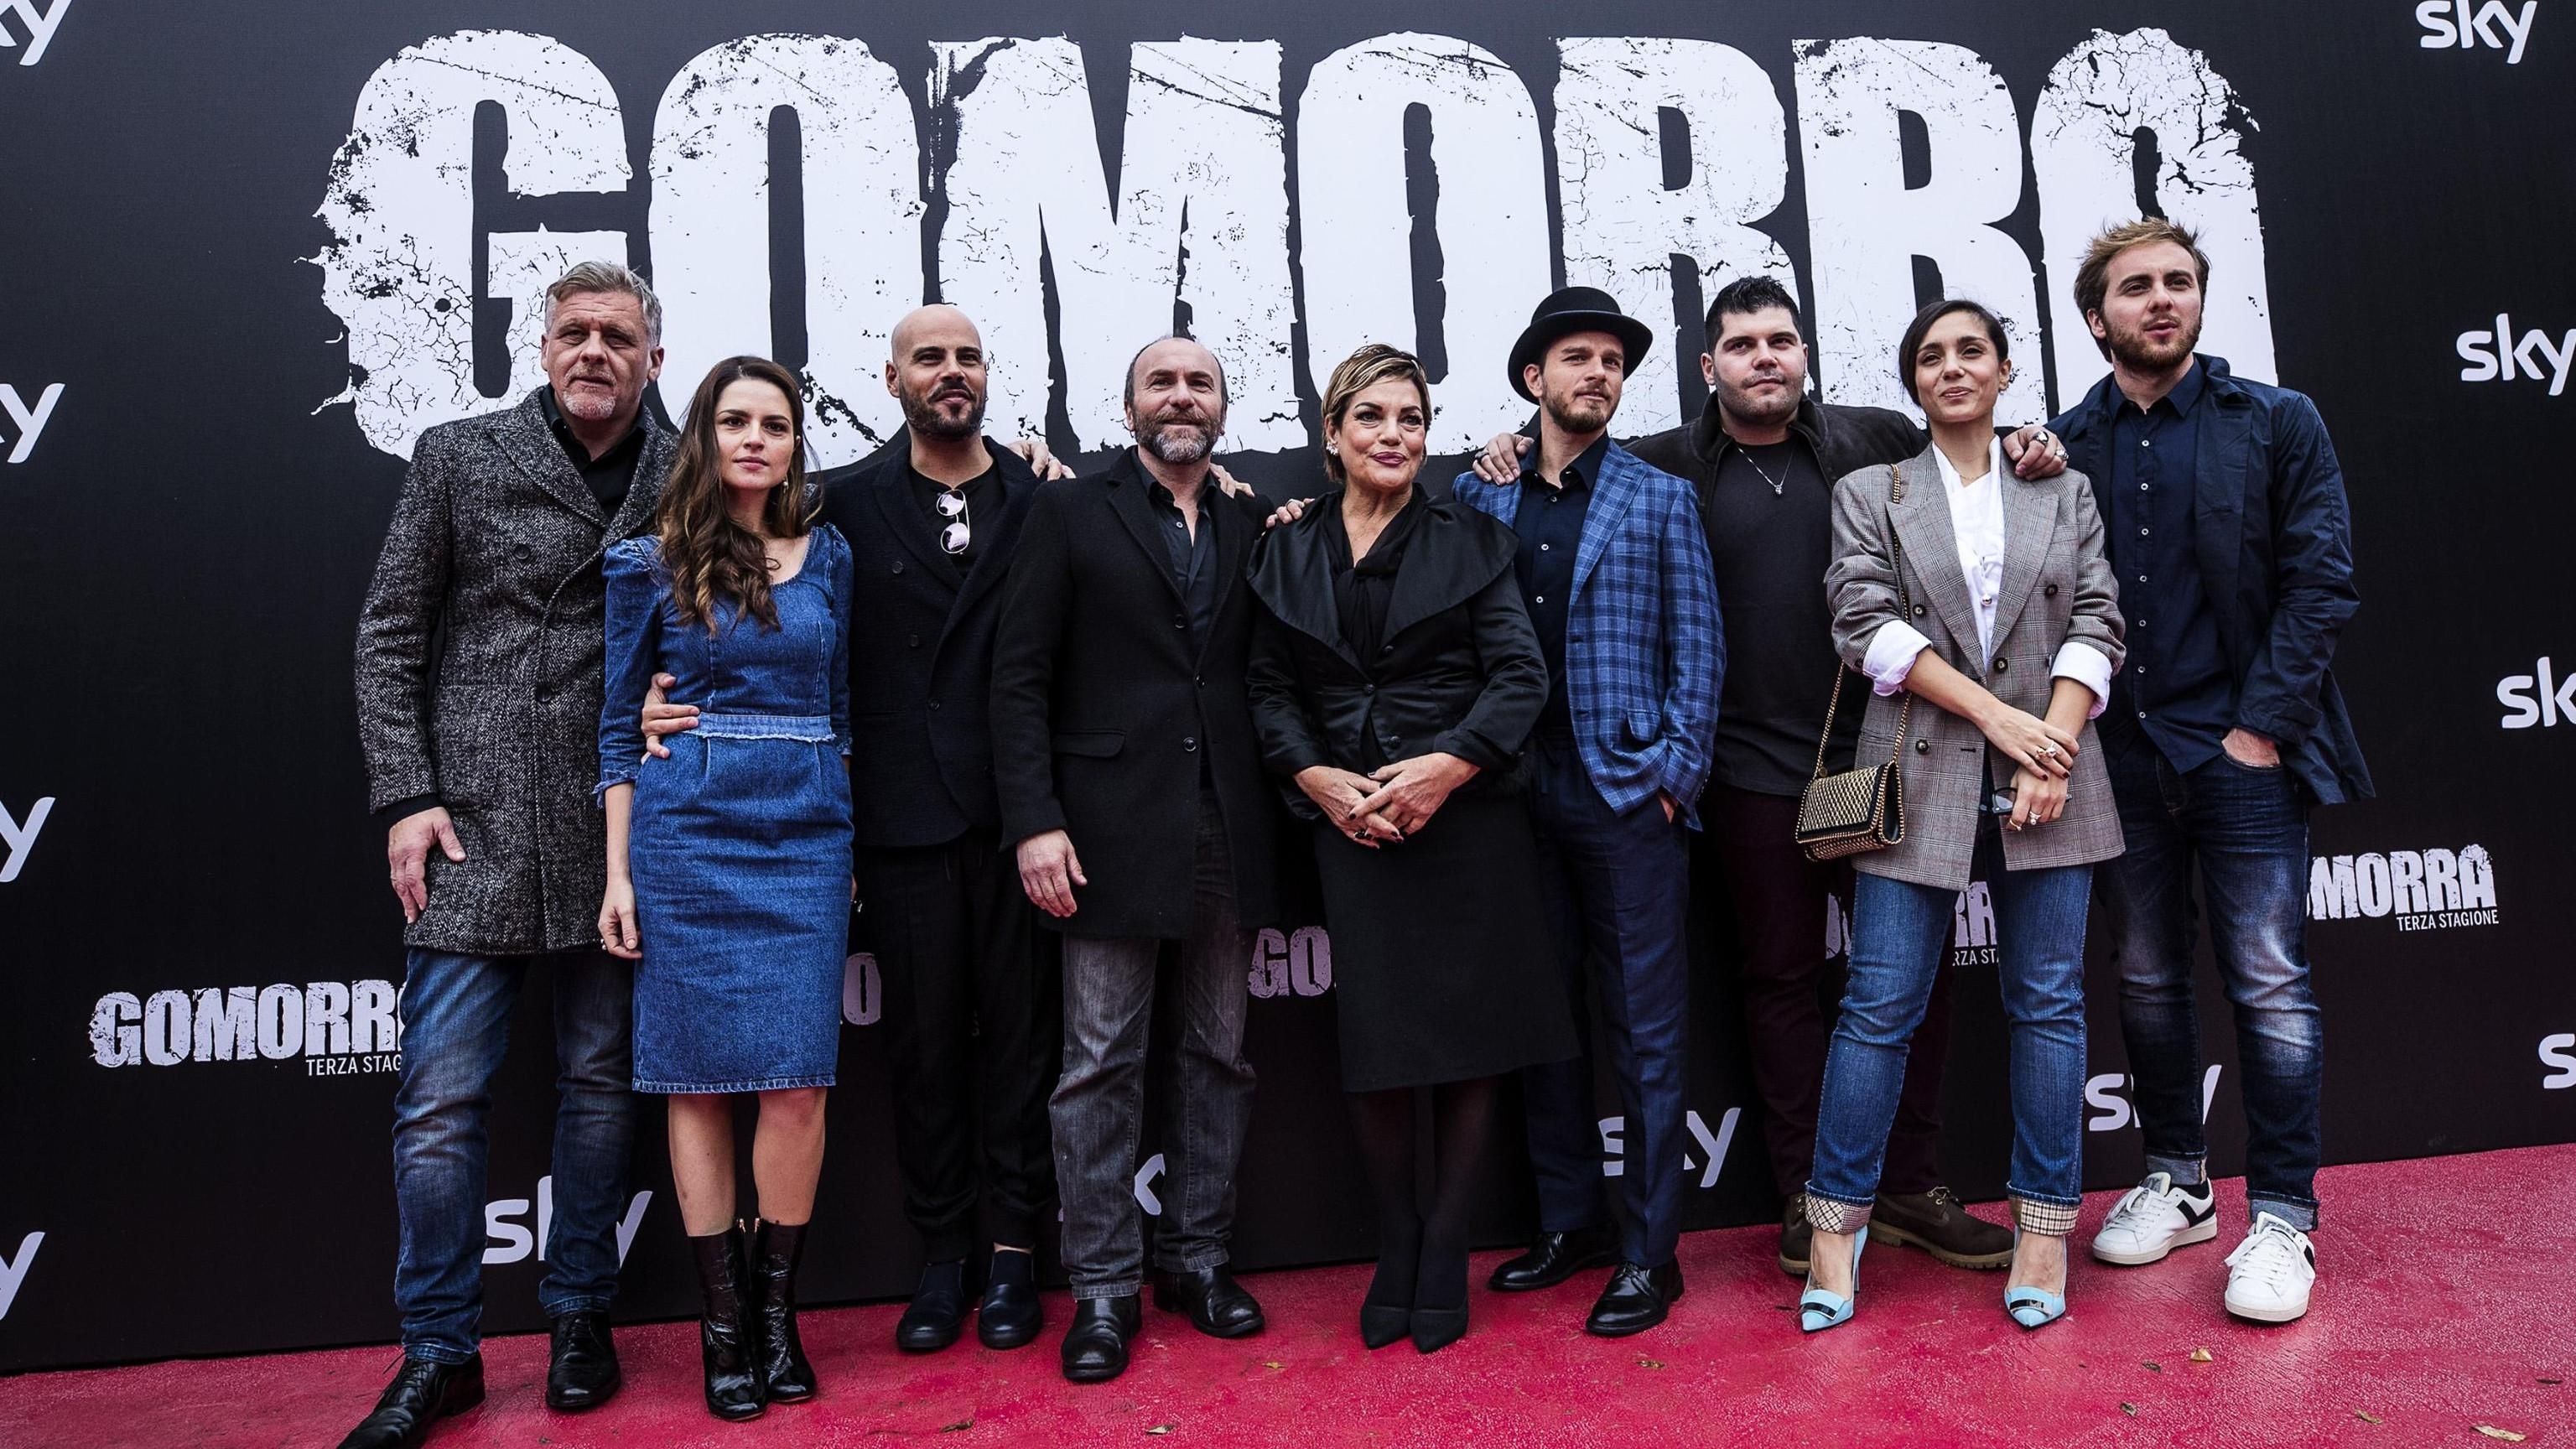 Gomorra, terza stagione: trama, cast, date, puntate e anticipazioni